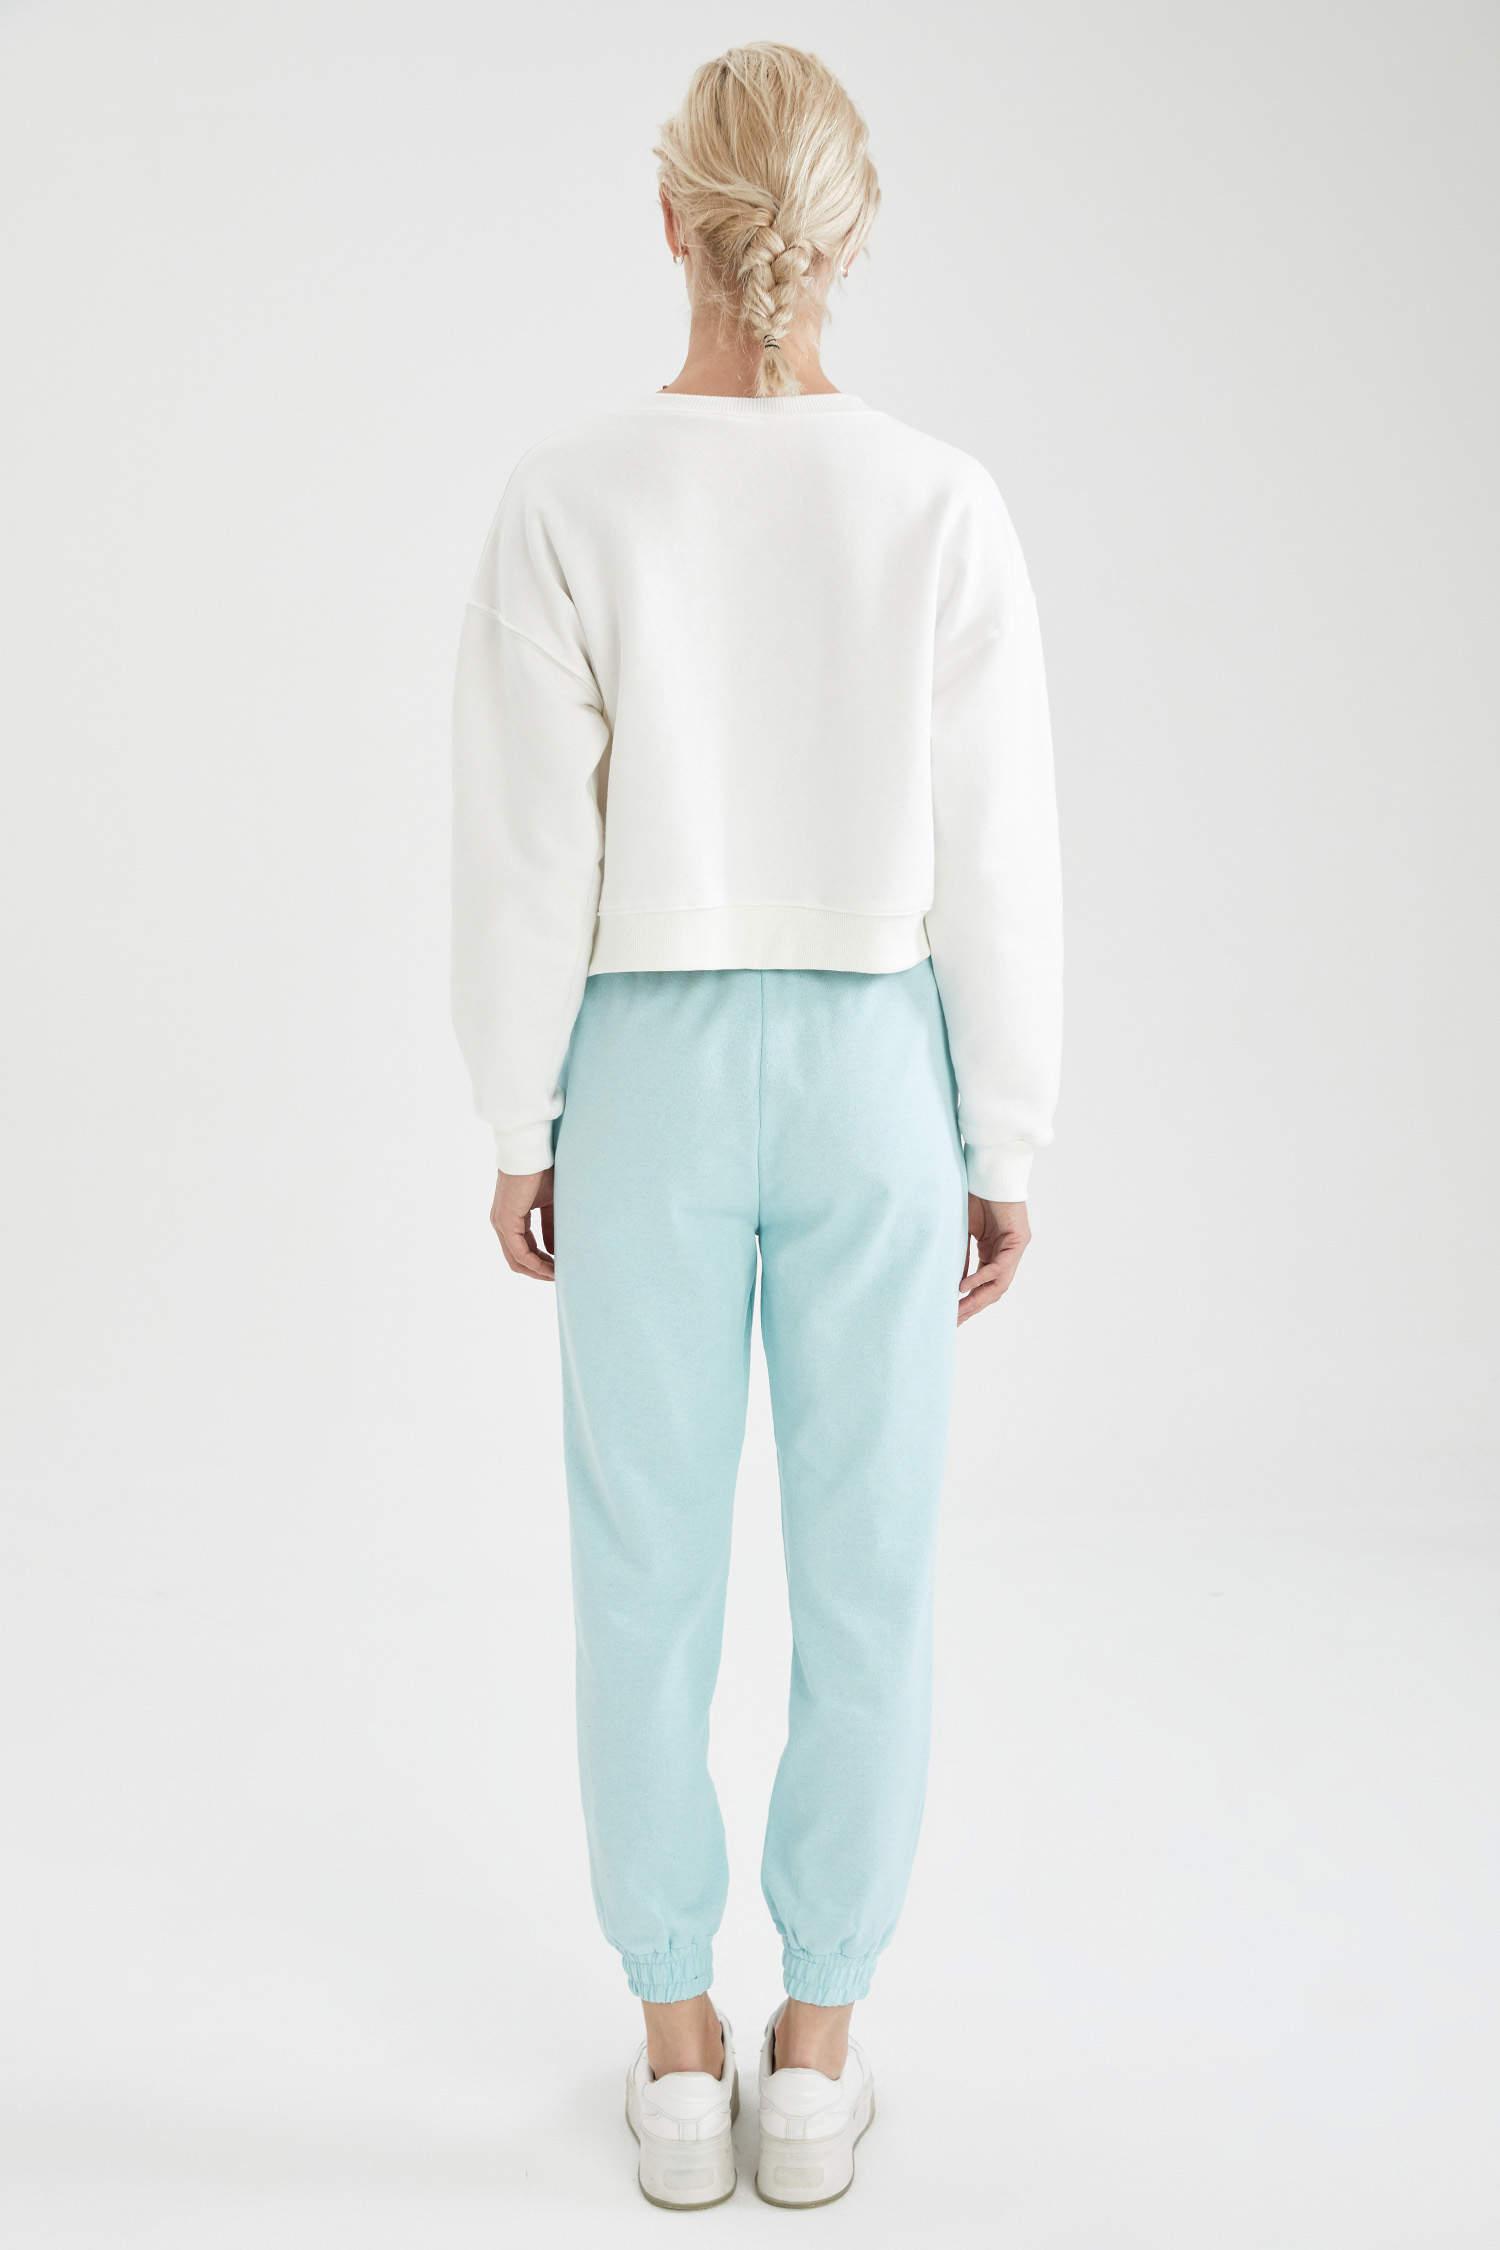 Спортивные штаны DeFacto, Color: Голубой, Size: S, 3 image